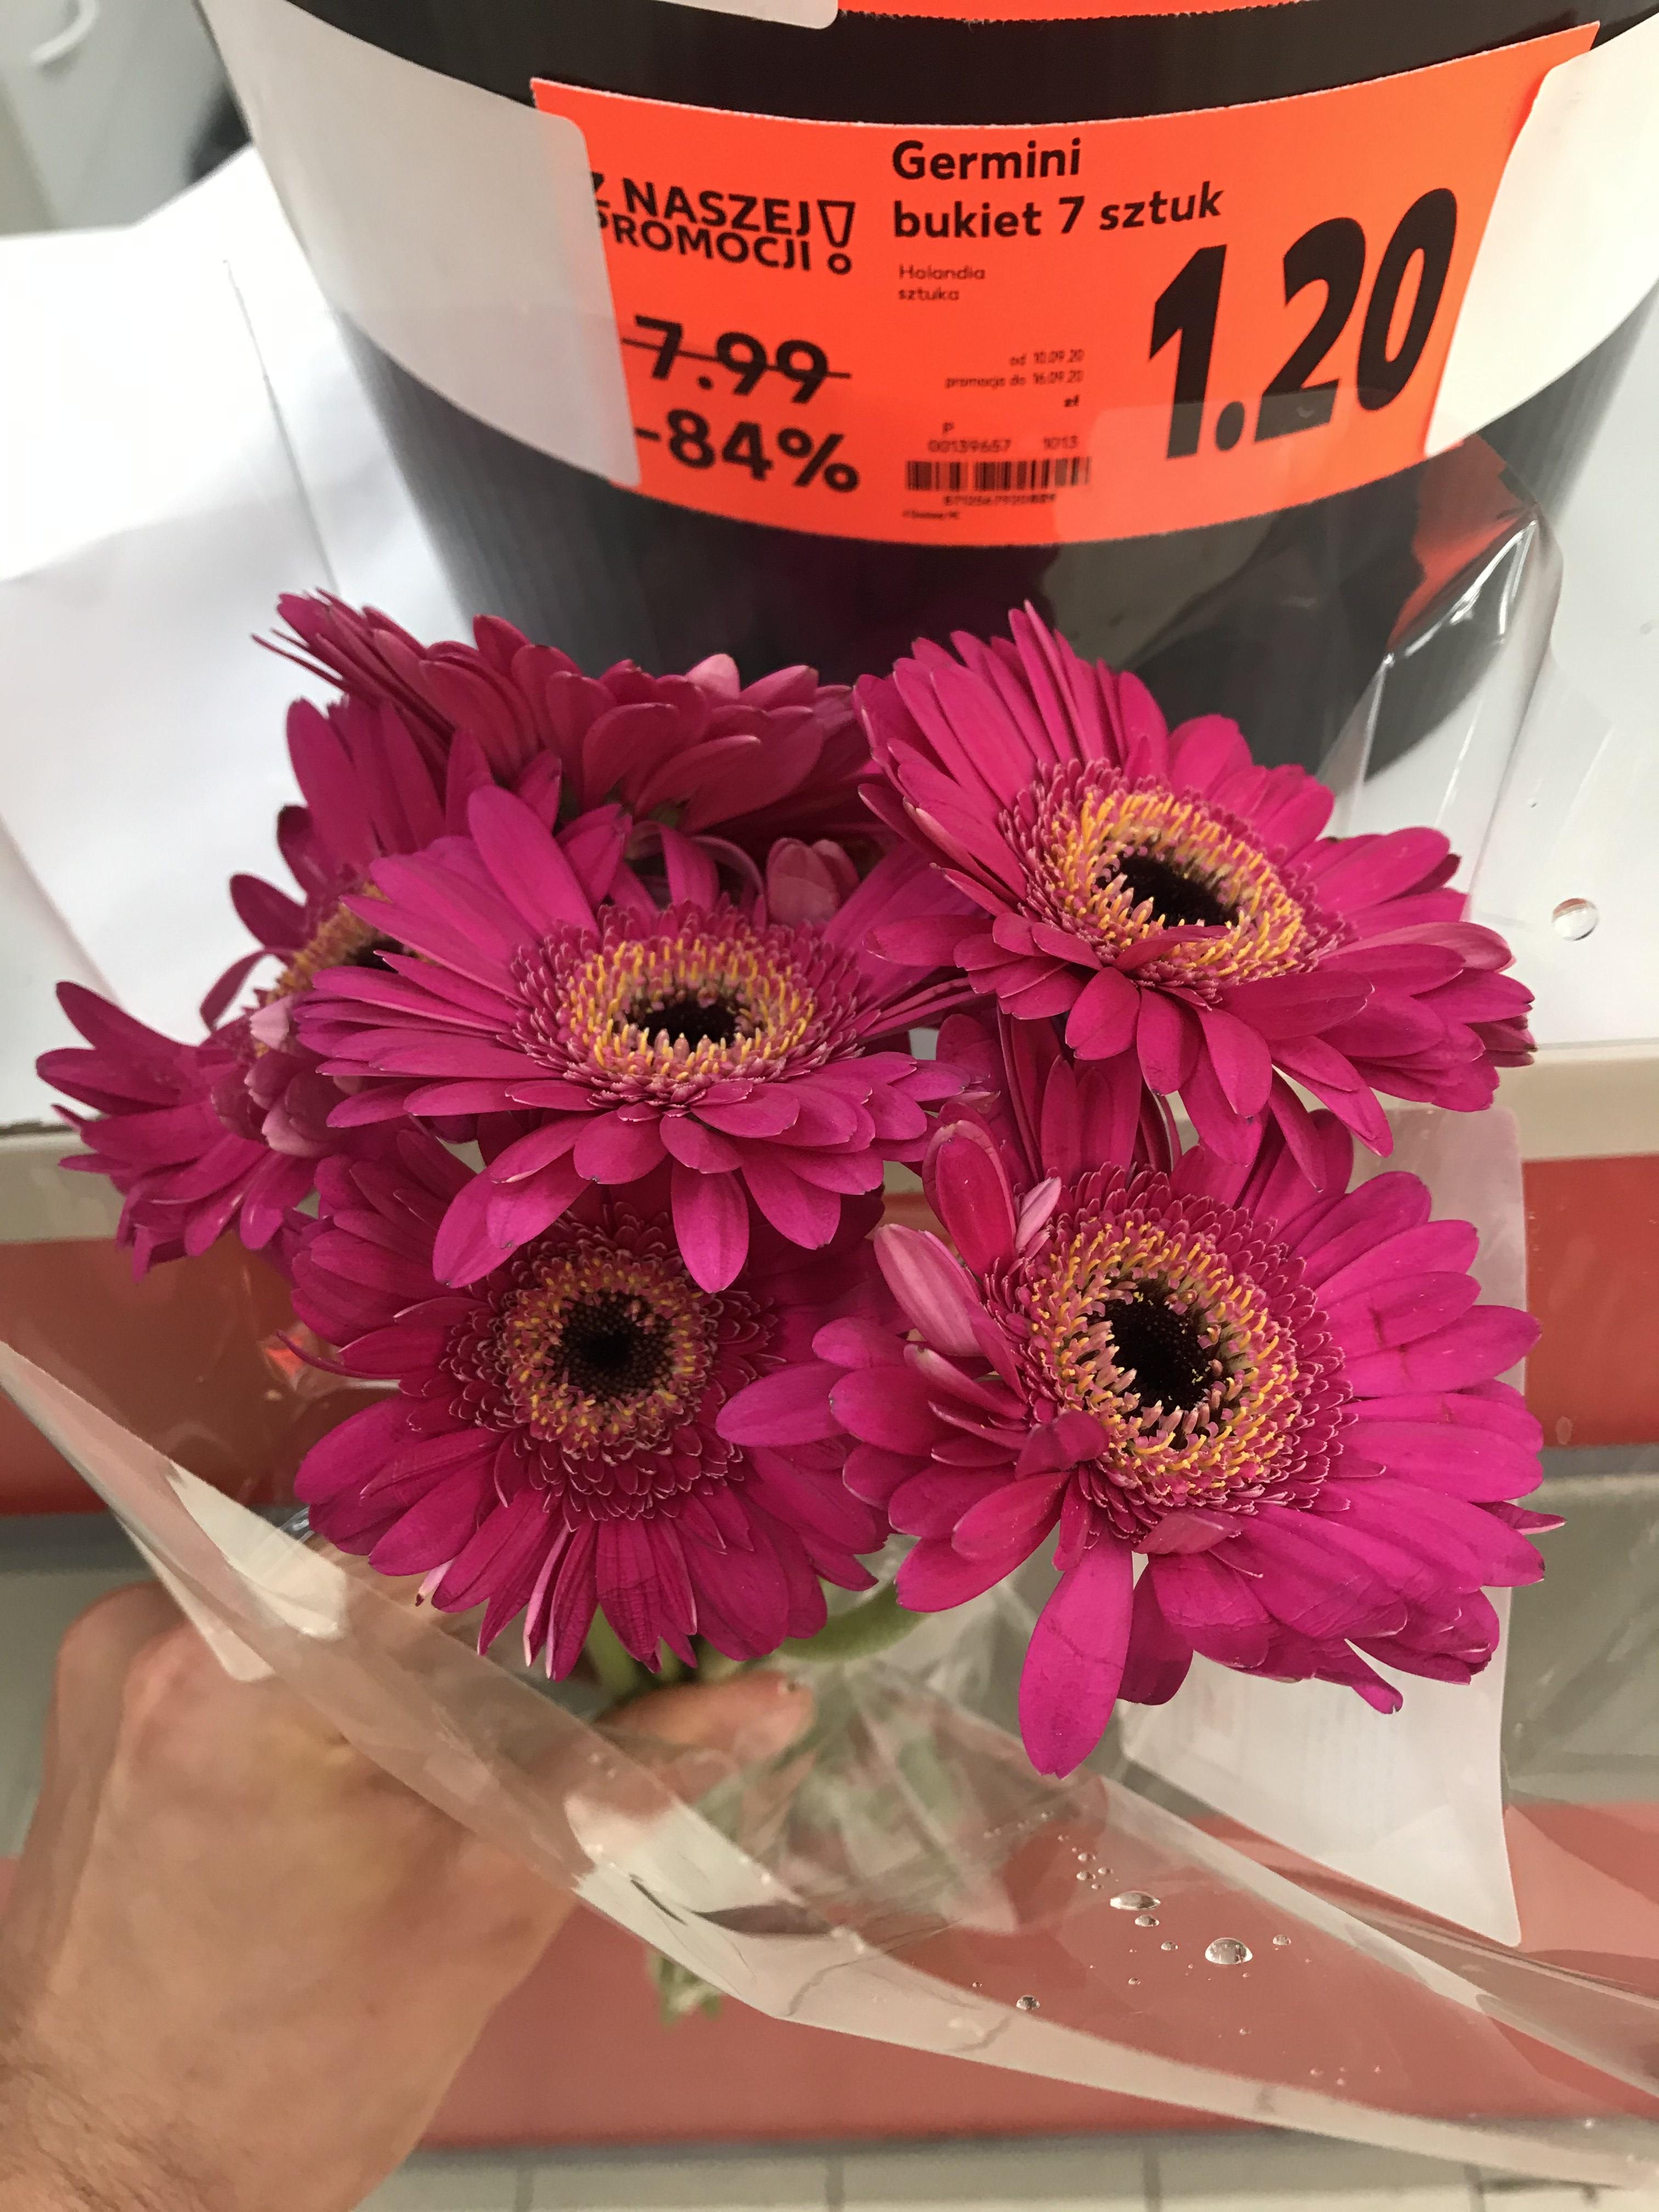 Kwiaty Germini 7 sztuk - Kaufland